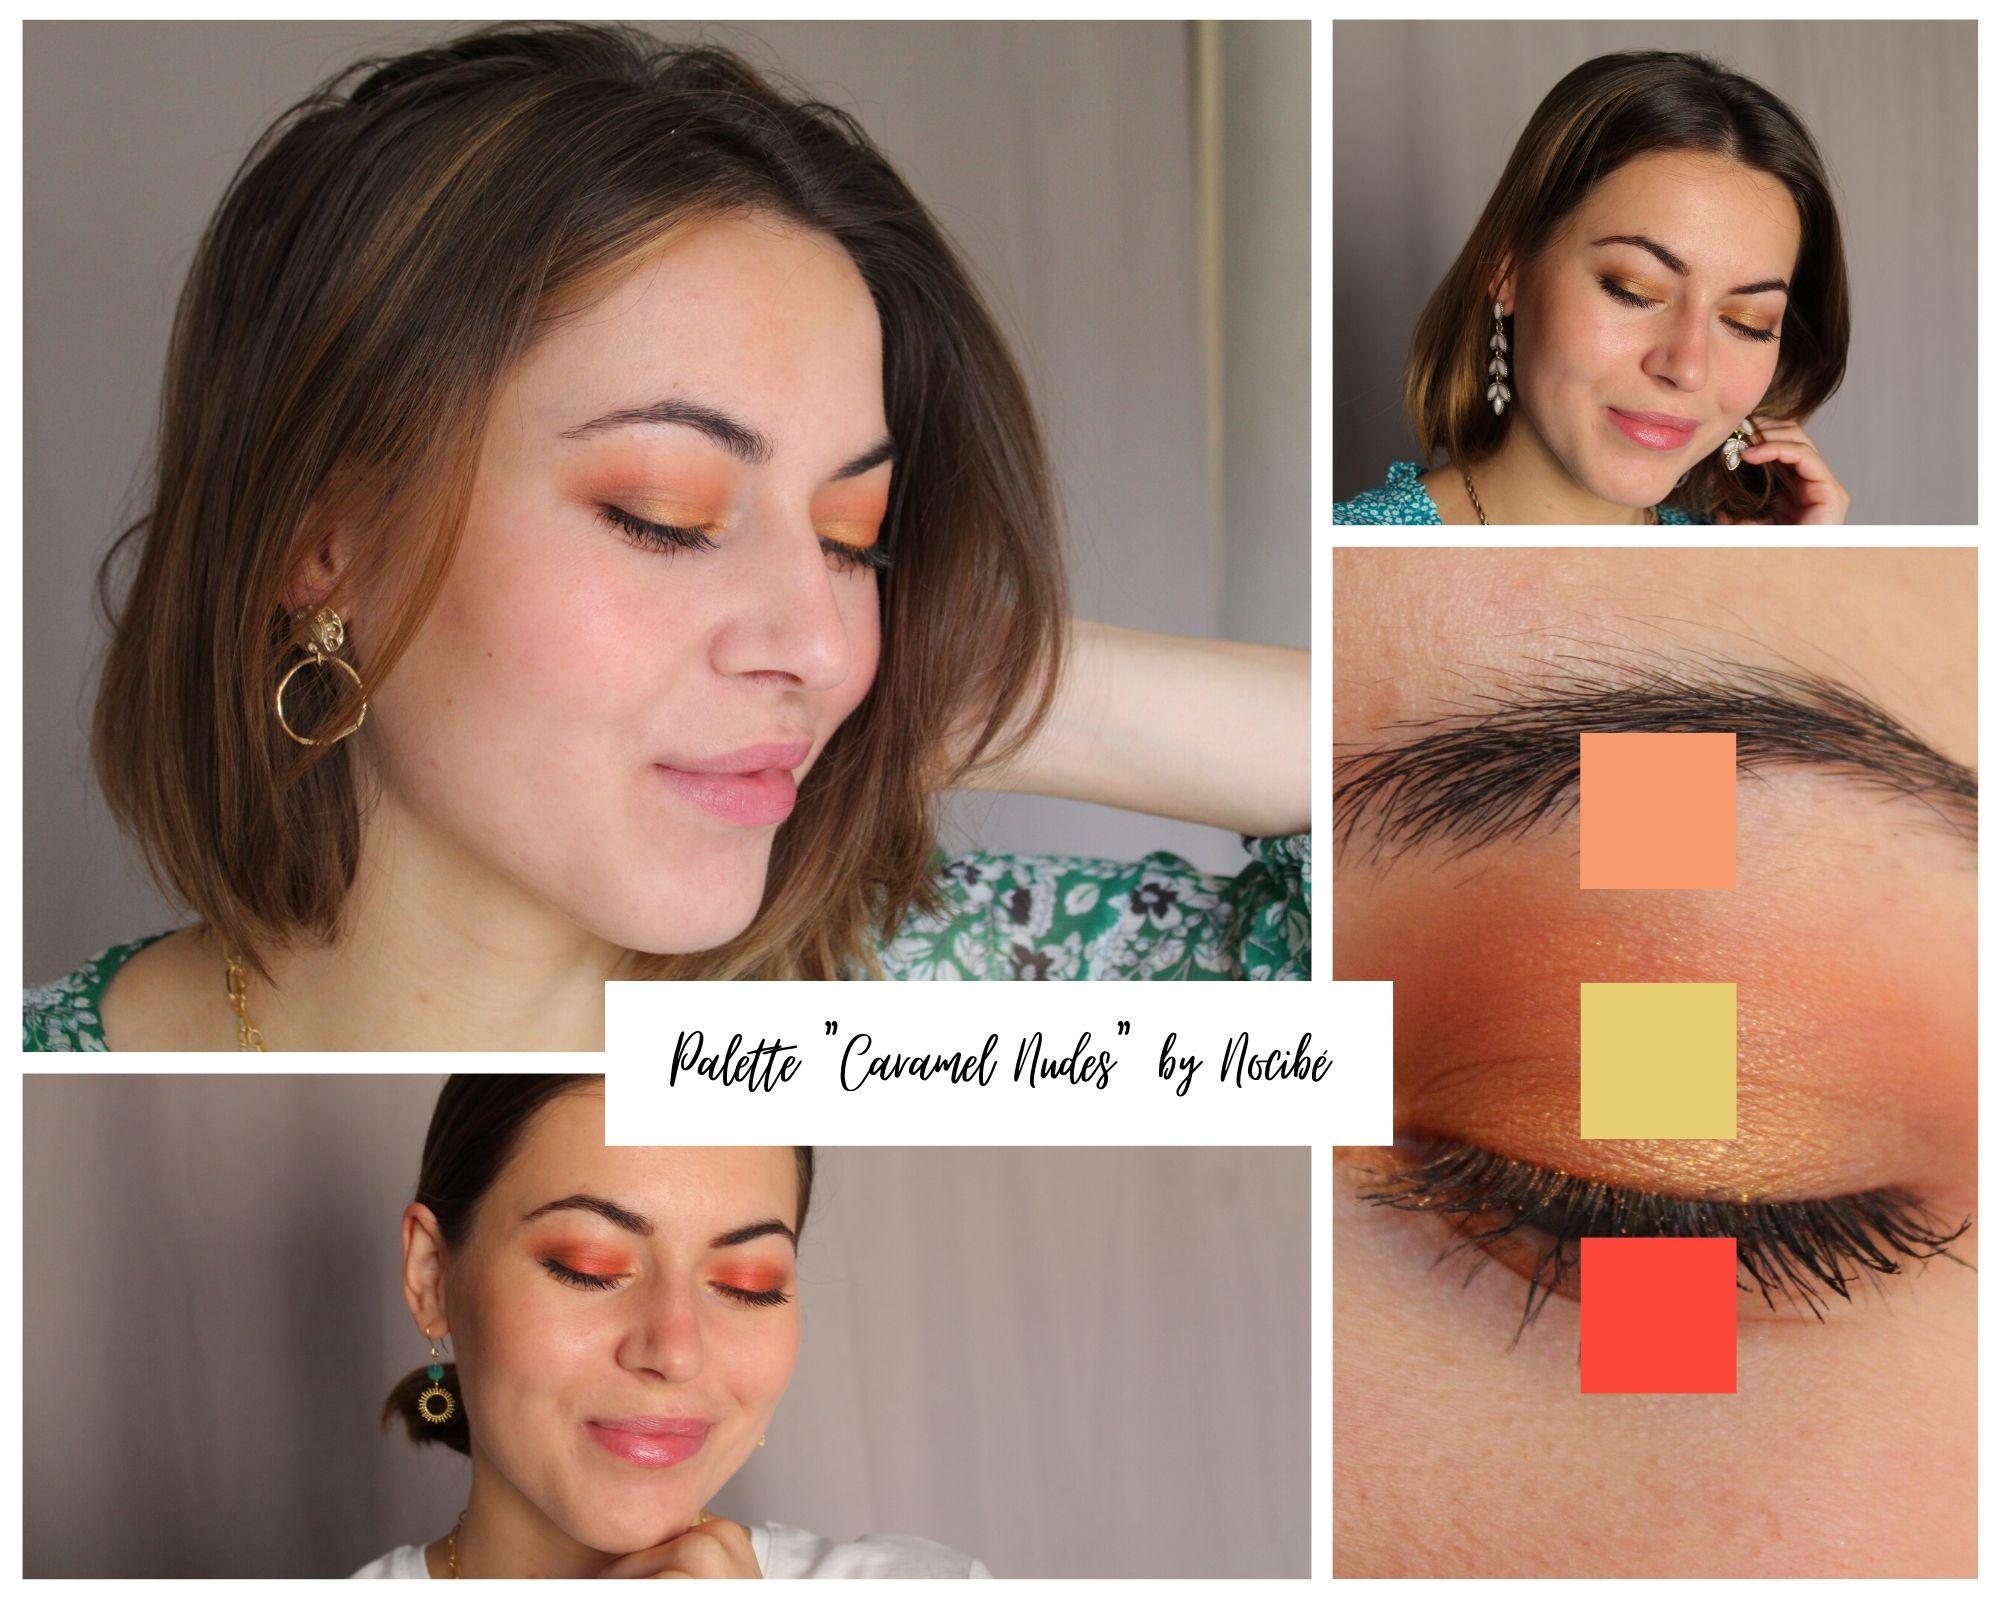 Portraits idées maquillage avec palette Caramel Nudes